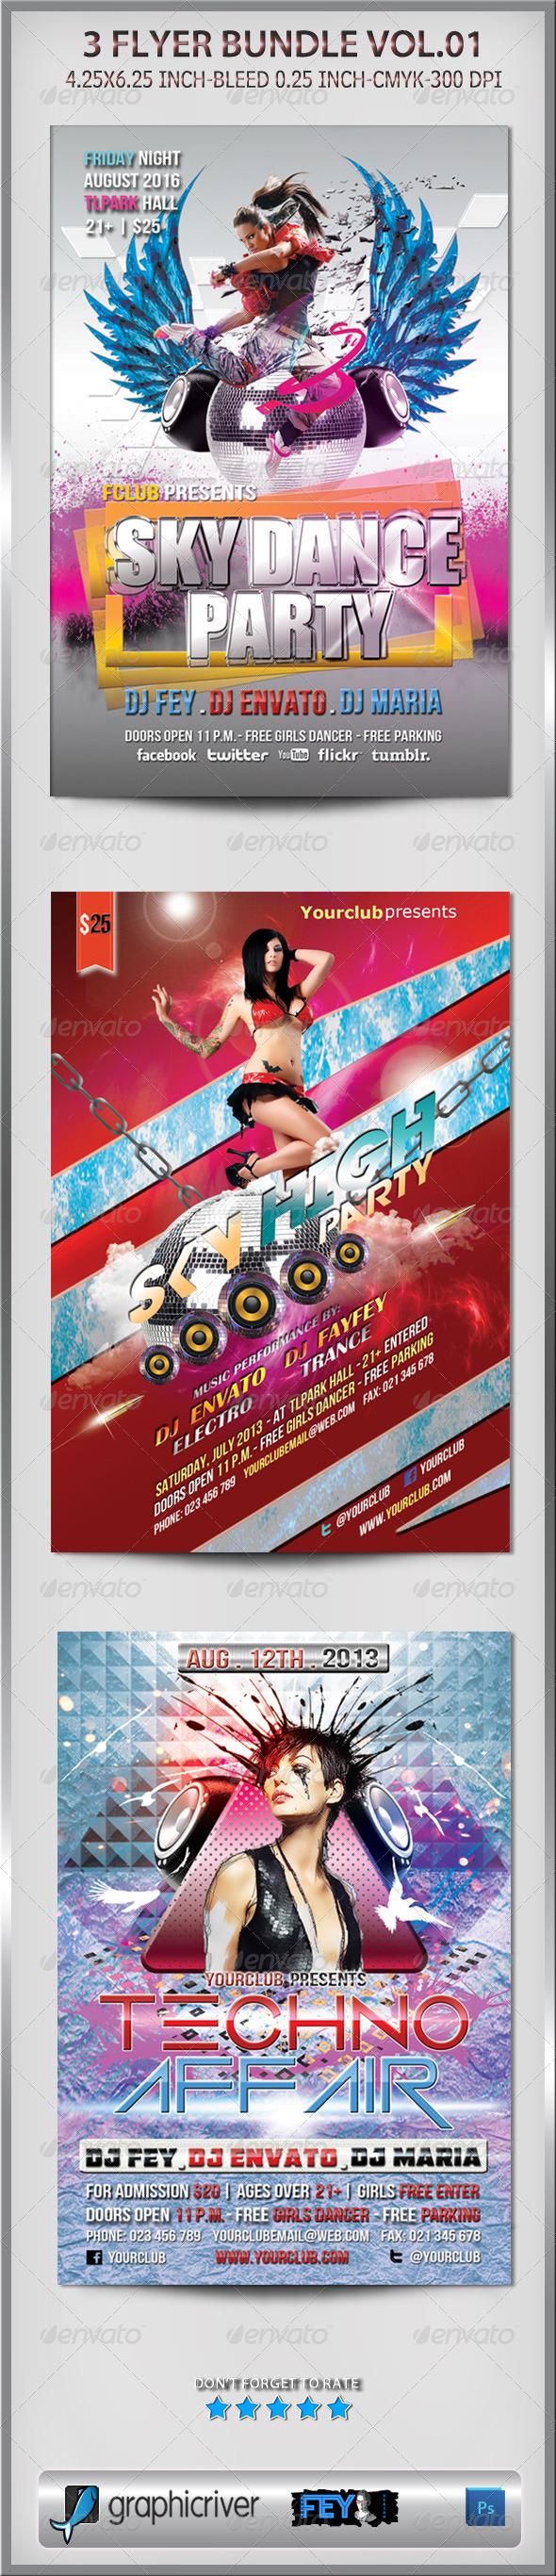 3 Flyer Bundle Vol.01 - Clubs & Parties Events